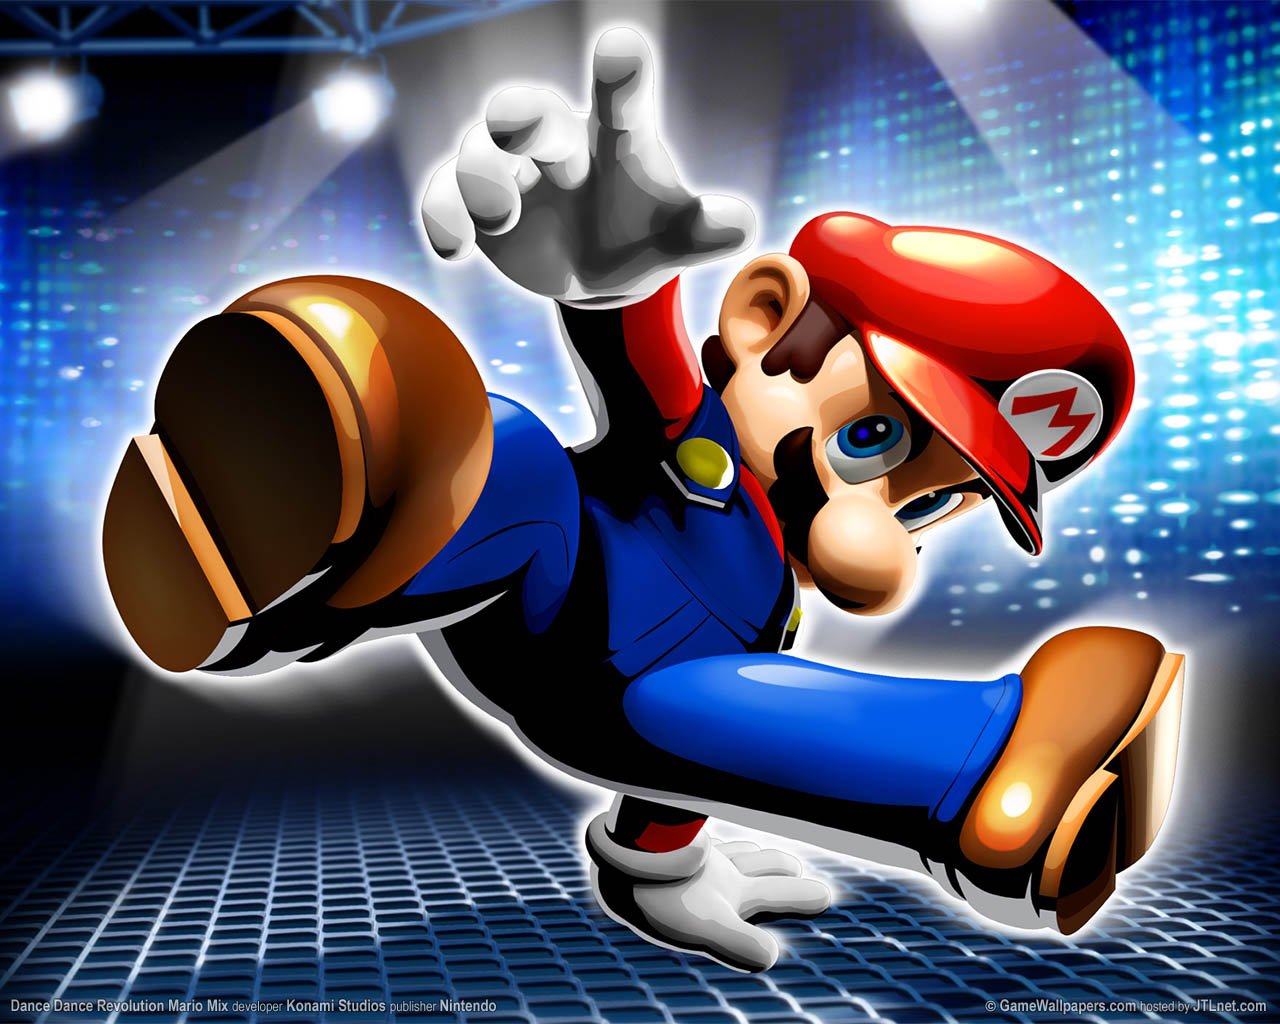 http://1.bp.blogspot.com/_k7USlodkR_s/TBQg3ob88oI/AAAAAAAAAZk/L44Y46Lekw0/s1600/Dance_Dance_Revolution_-_Mario_Mix.jpg